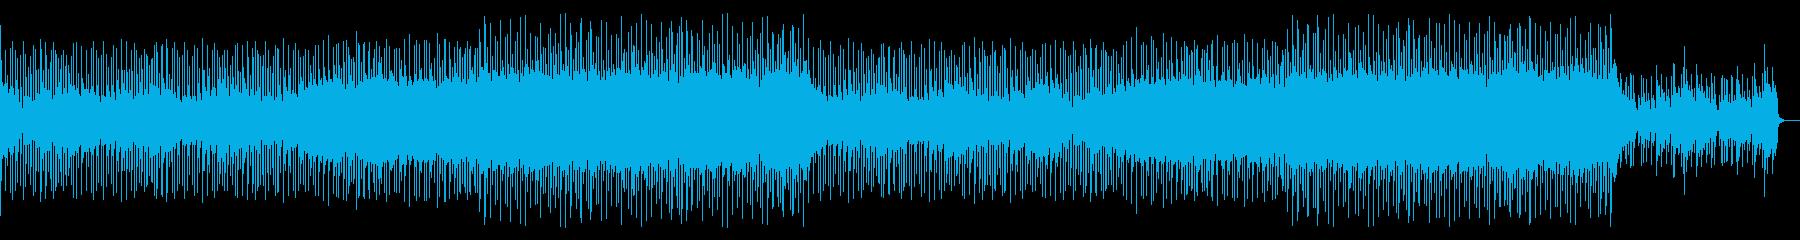 ベース無しver 広がり 豪華 キラキラの再生済みの波形